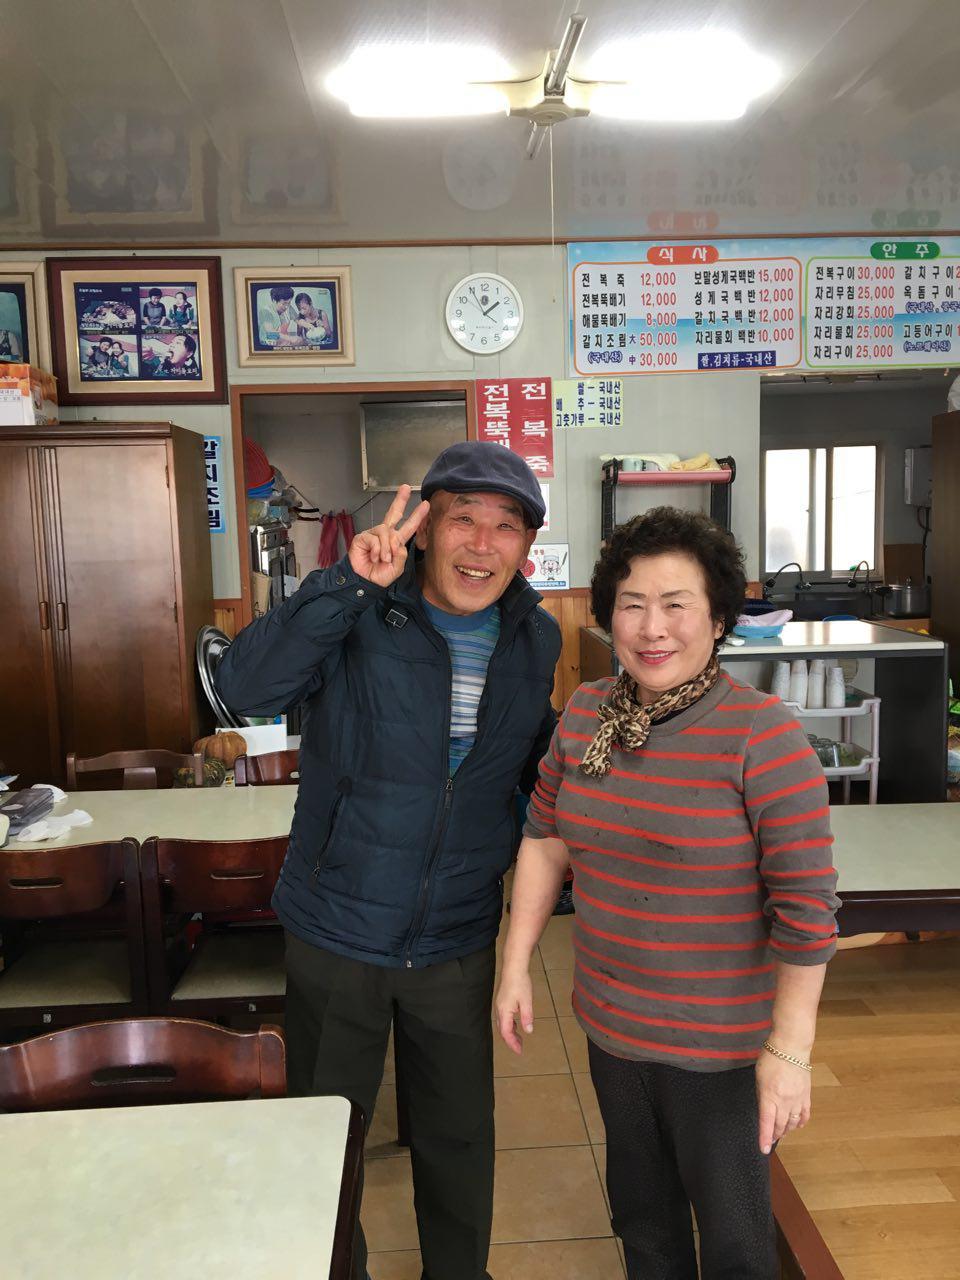 모슬포 해녀식당 주인과 만나 반갑게 기념사진을 찍었다.